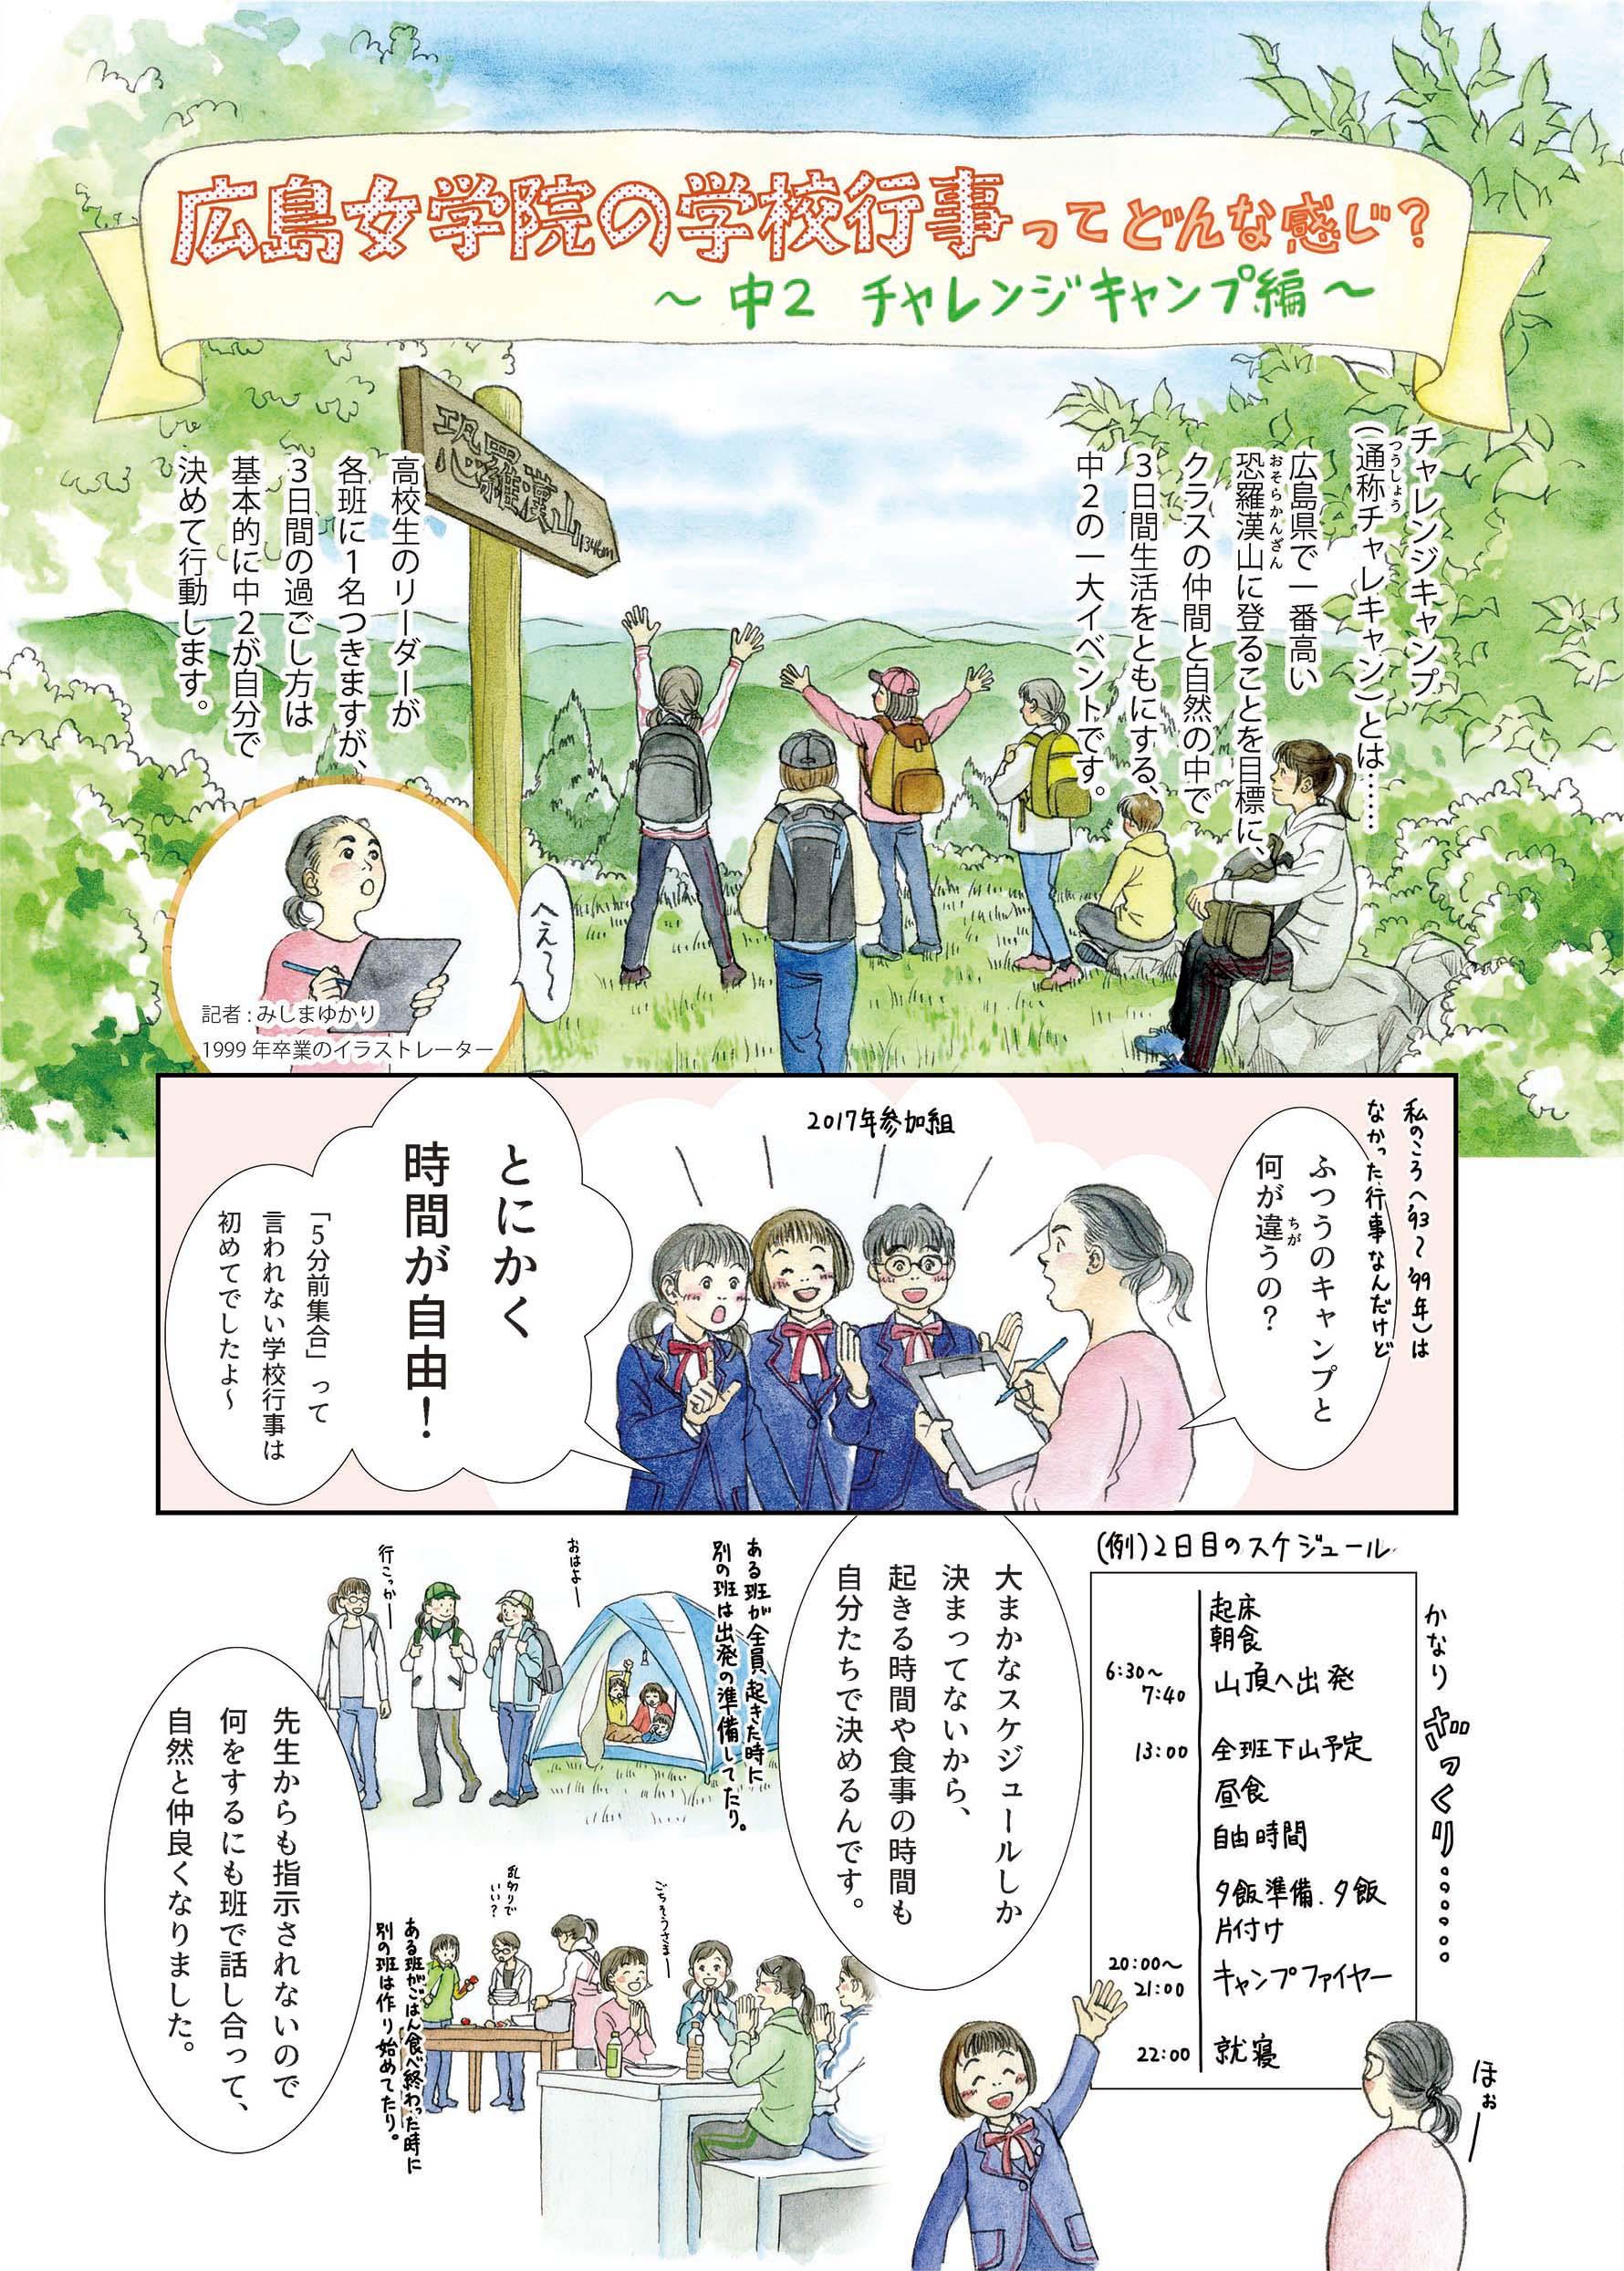 広島女学院中学高等学校 2019年度版学校案内用漫画